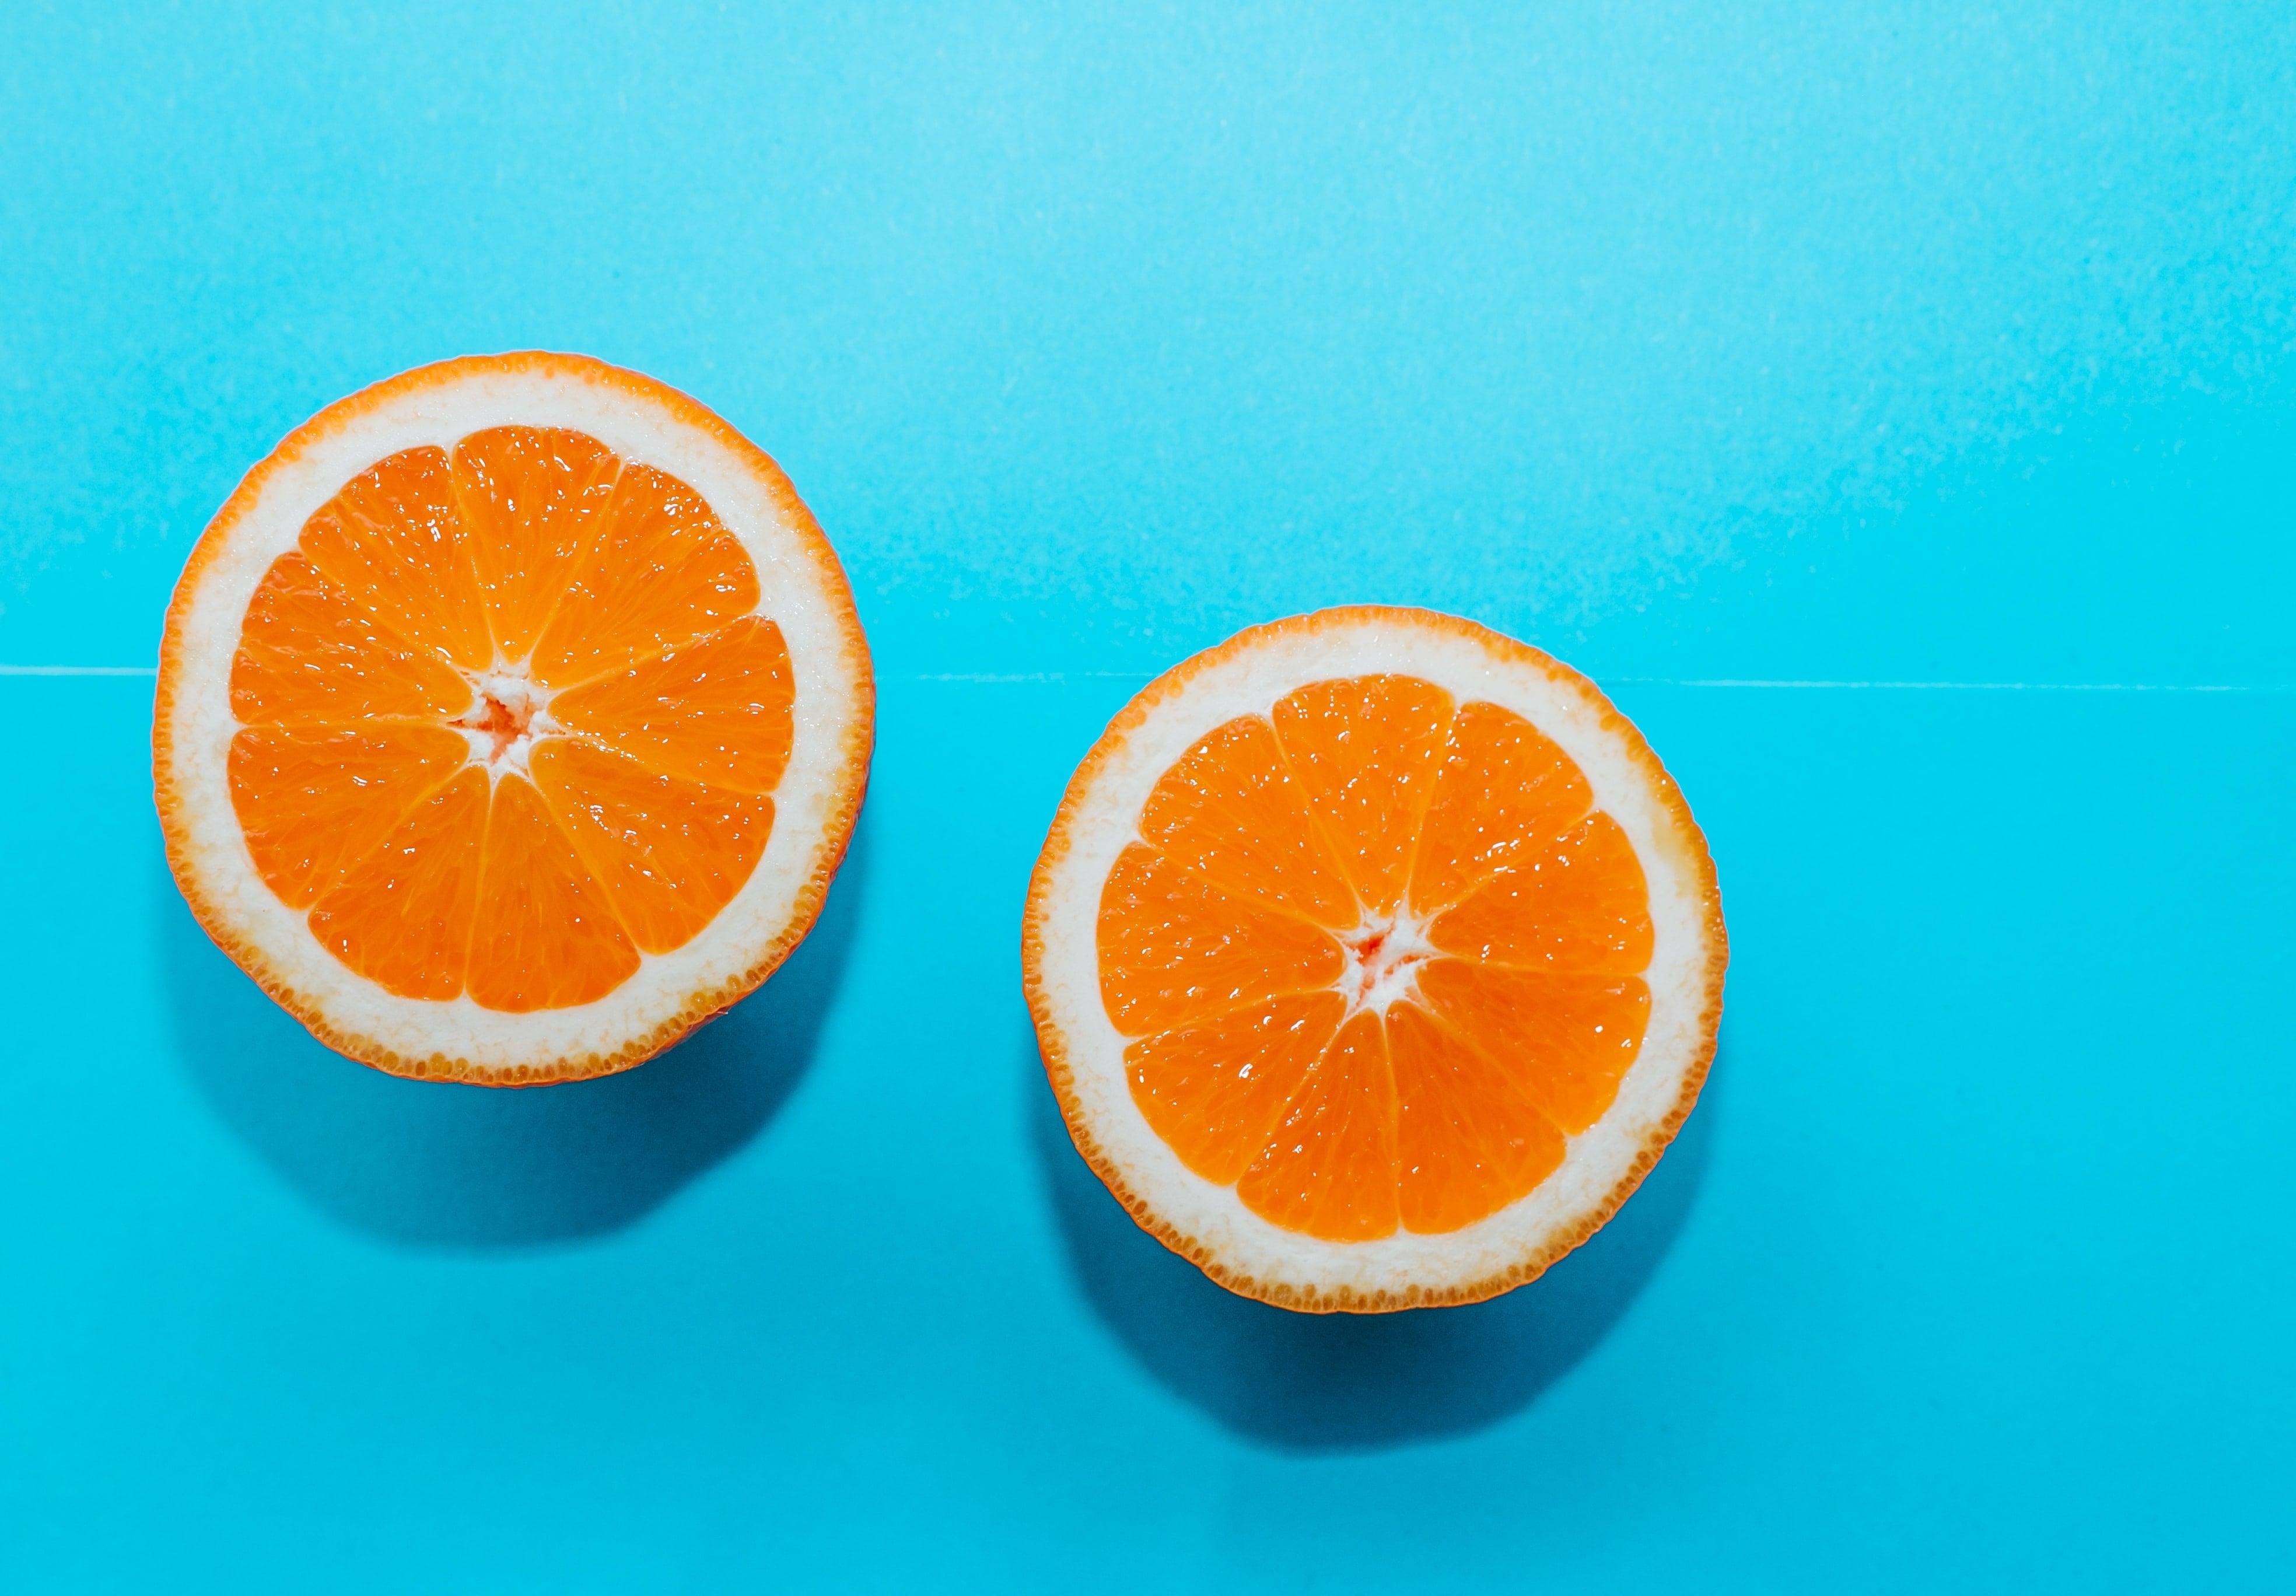 Aumentare le difese immunitarie | Migliori alimenti ed integratori